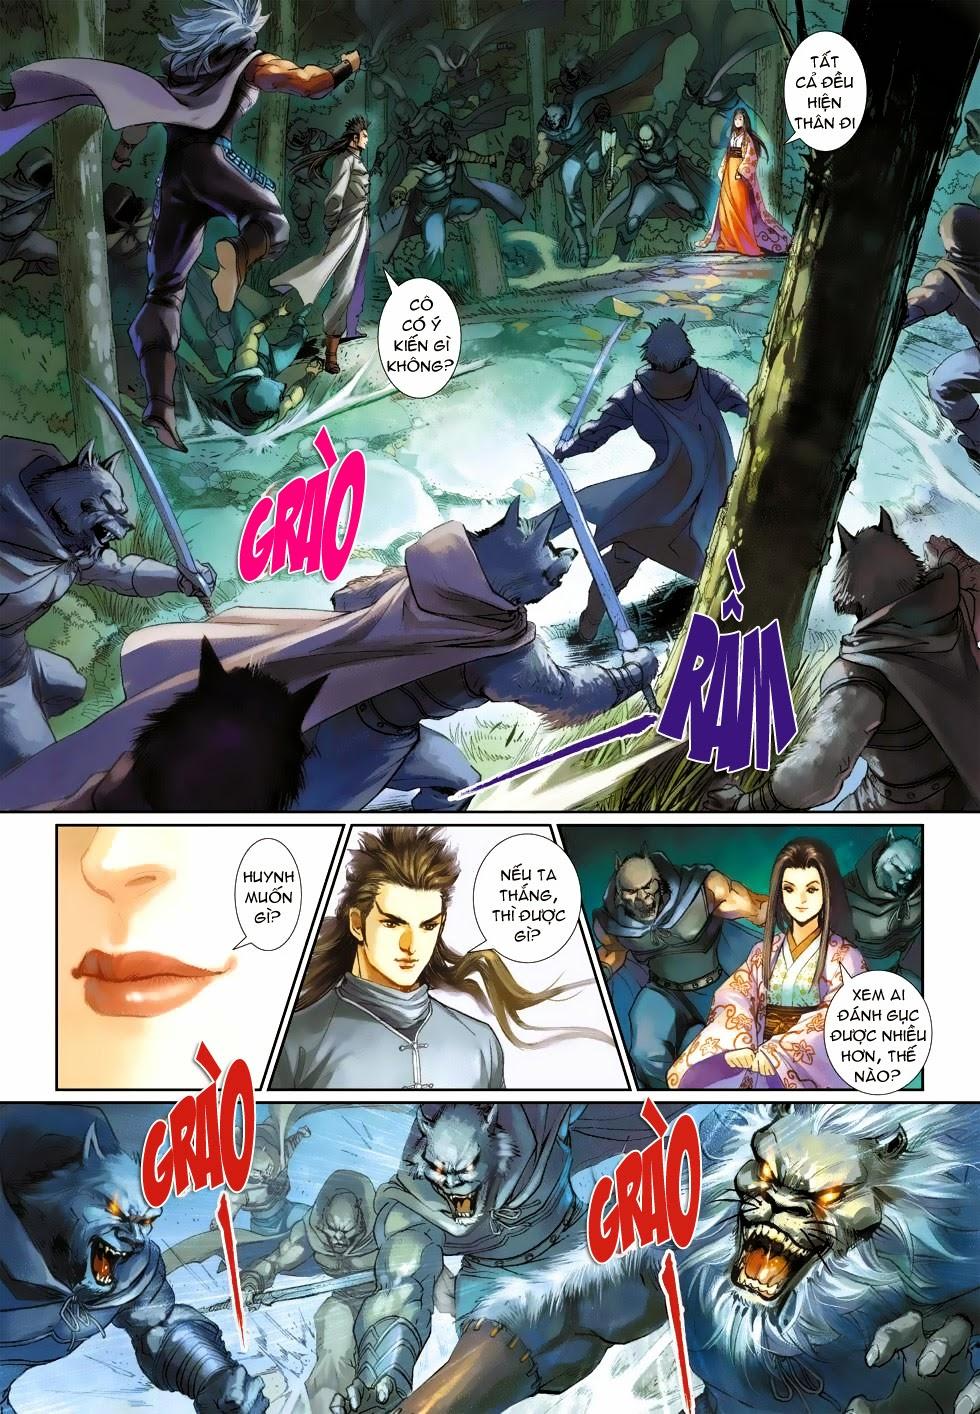 Thần Binh Tiền Truyện 4 - Huyền Thiên Tà Đế chap 3 - Trang 25